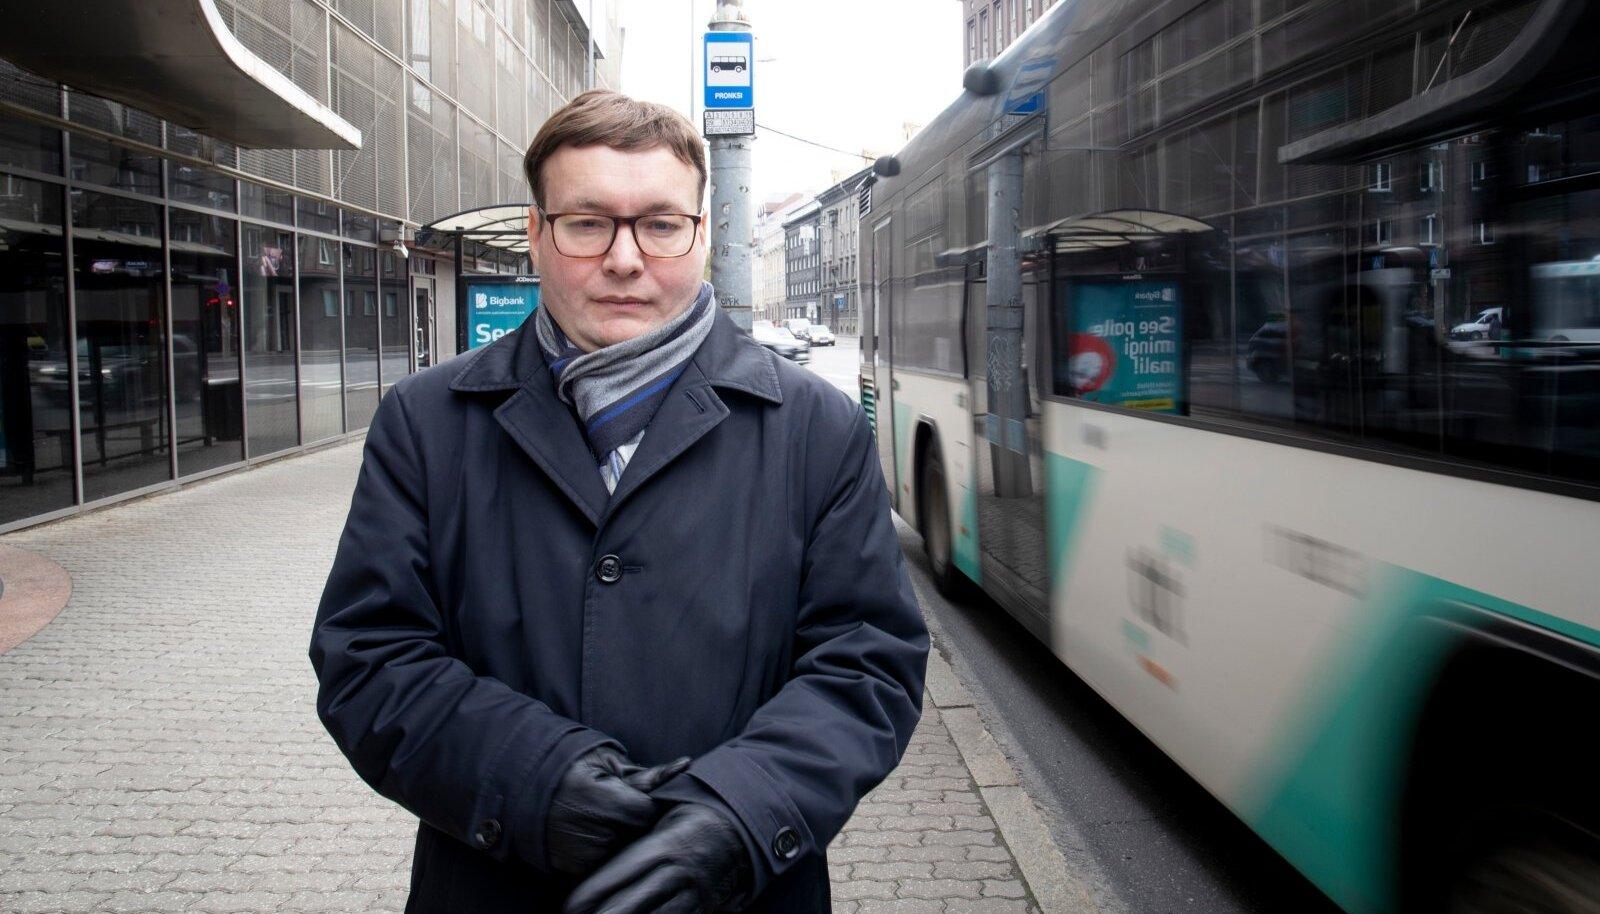 Saarts märkis, et KOV-valimistel saab Eesti 200 pealt näha, kuivõrd suudab partei täita Isamaa ja SDE nišši.